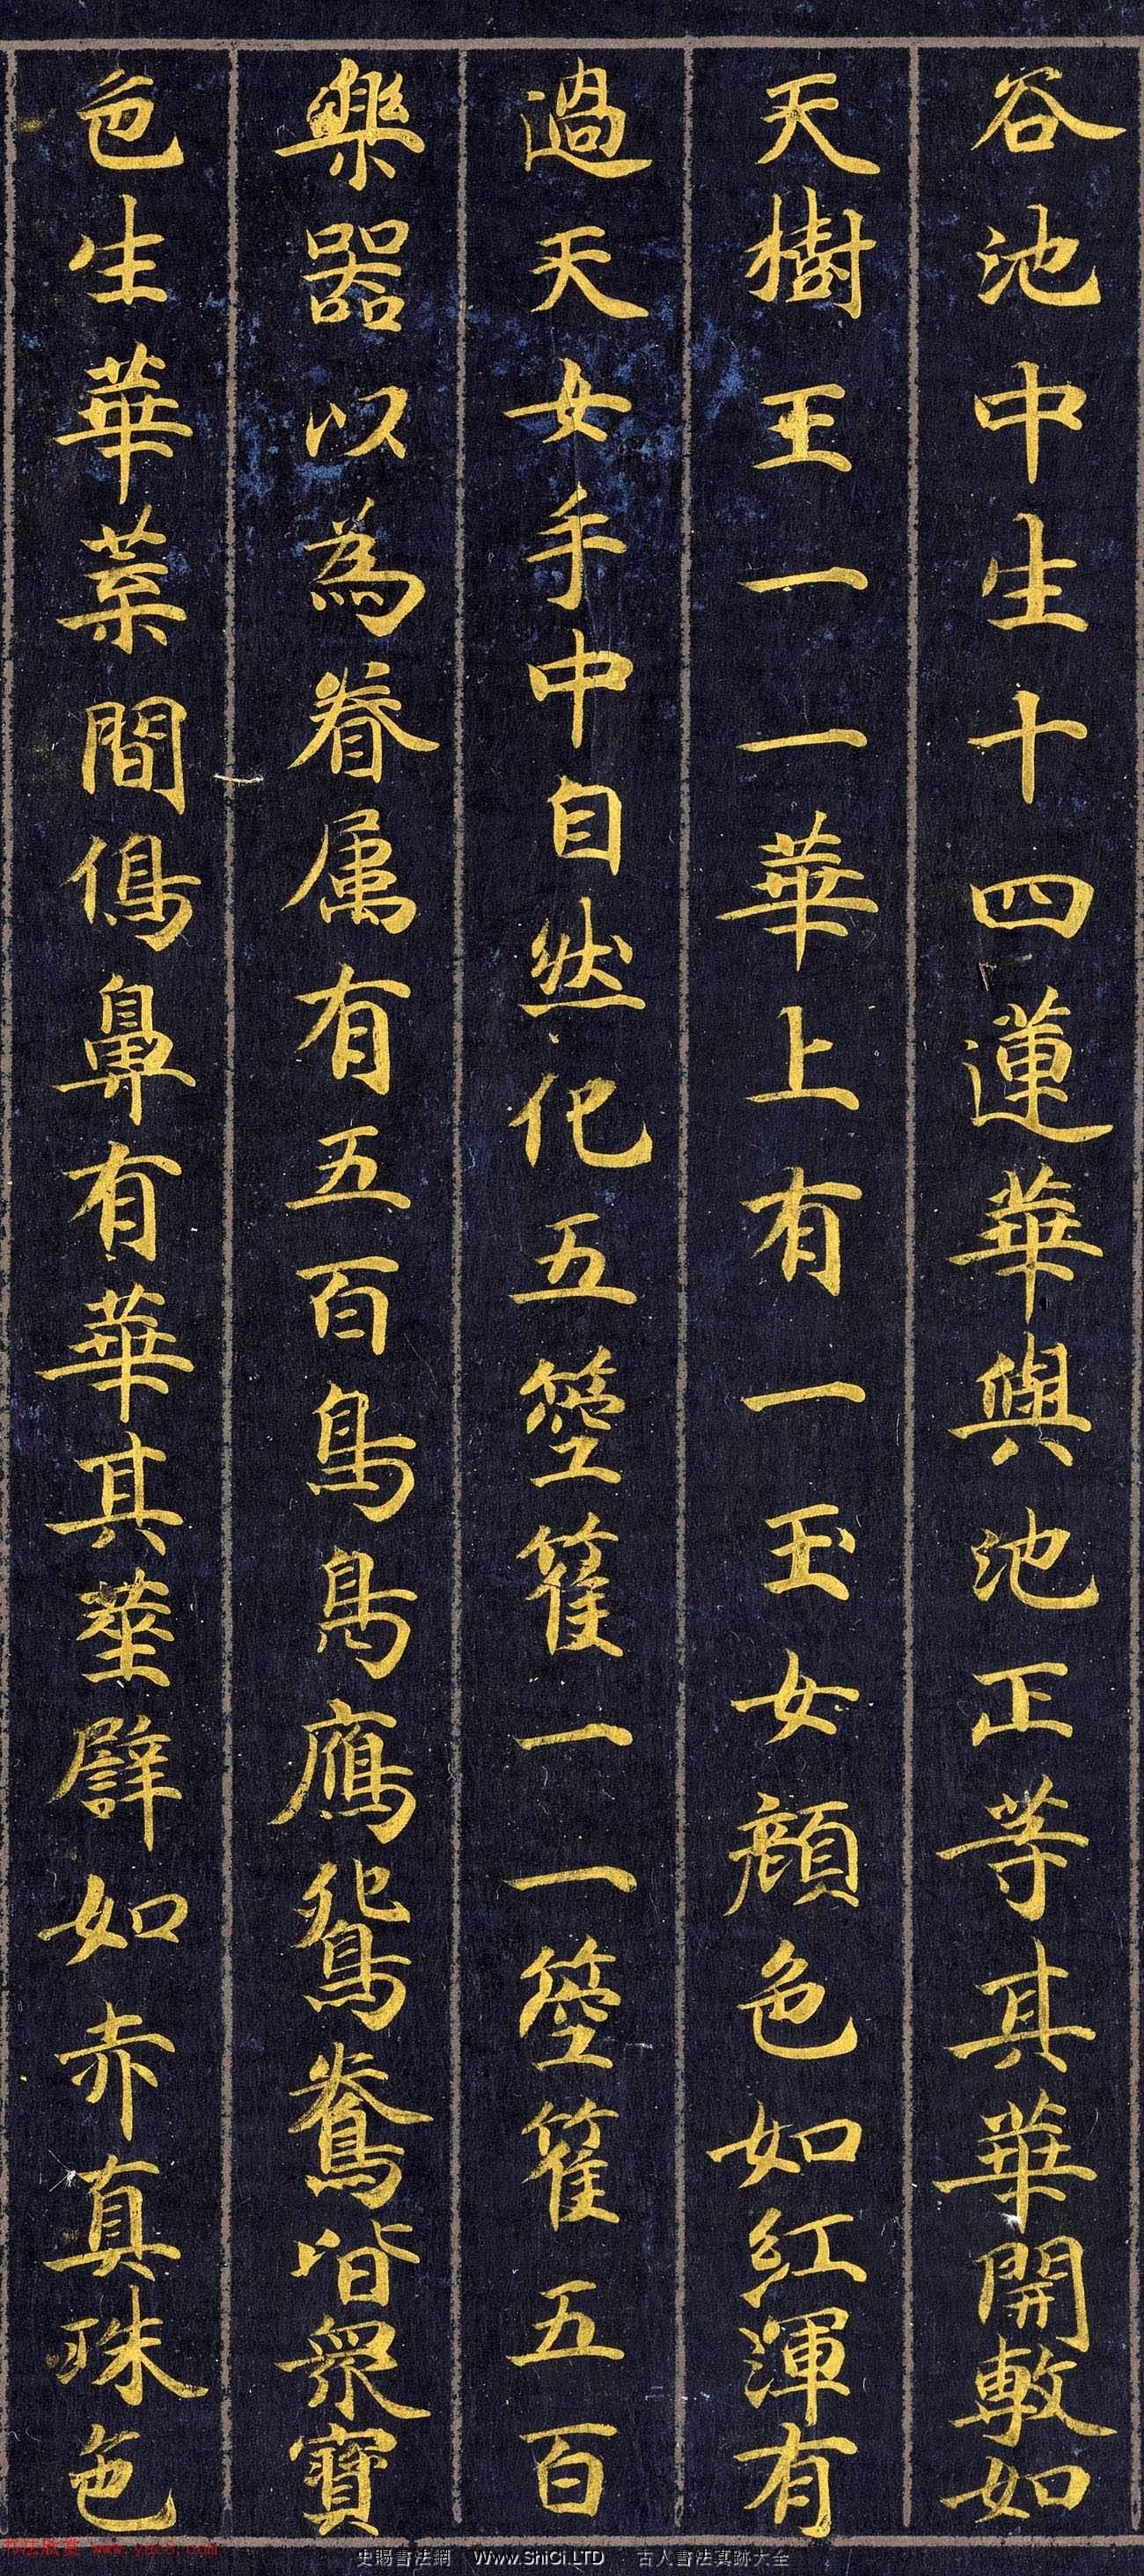 高清金字楷書《佛說觀普賢菩薩行法經》